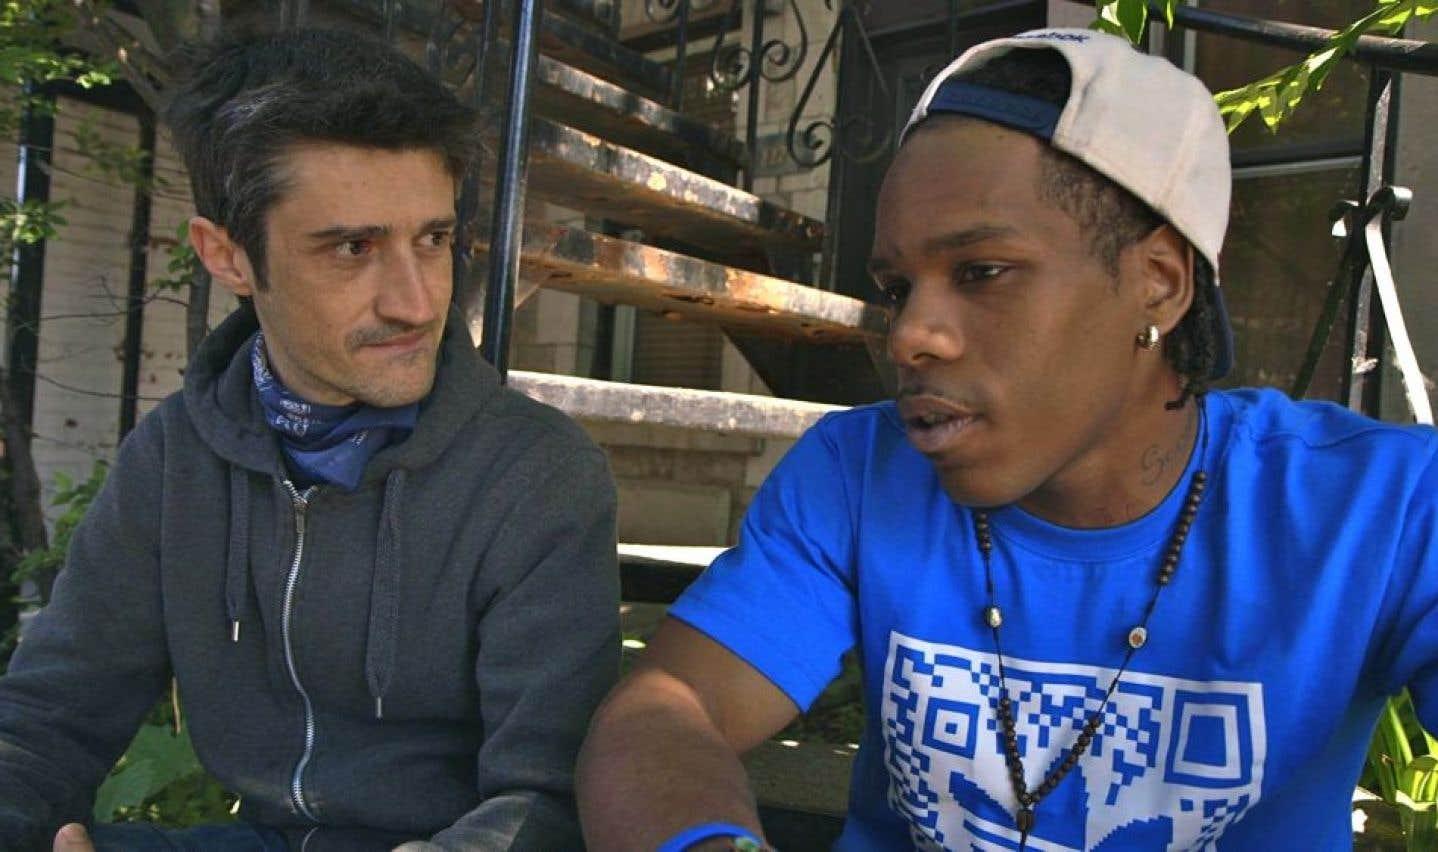 La deuxième saison de la série documentaire Les voix humaines met notamment en scène Jérôme Minière.